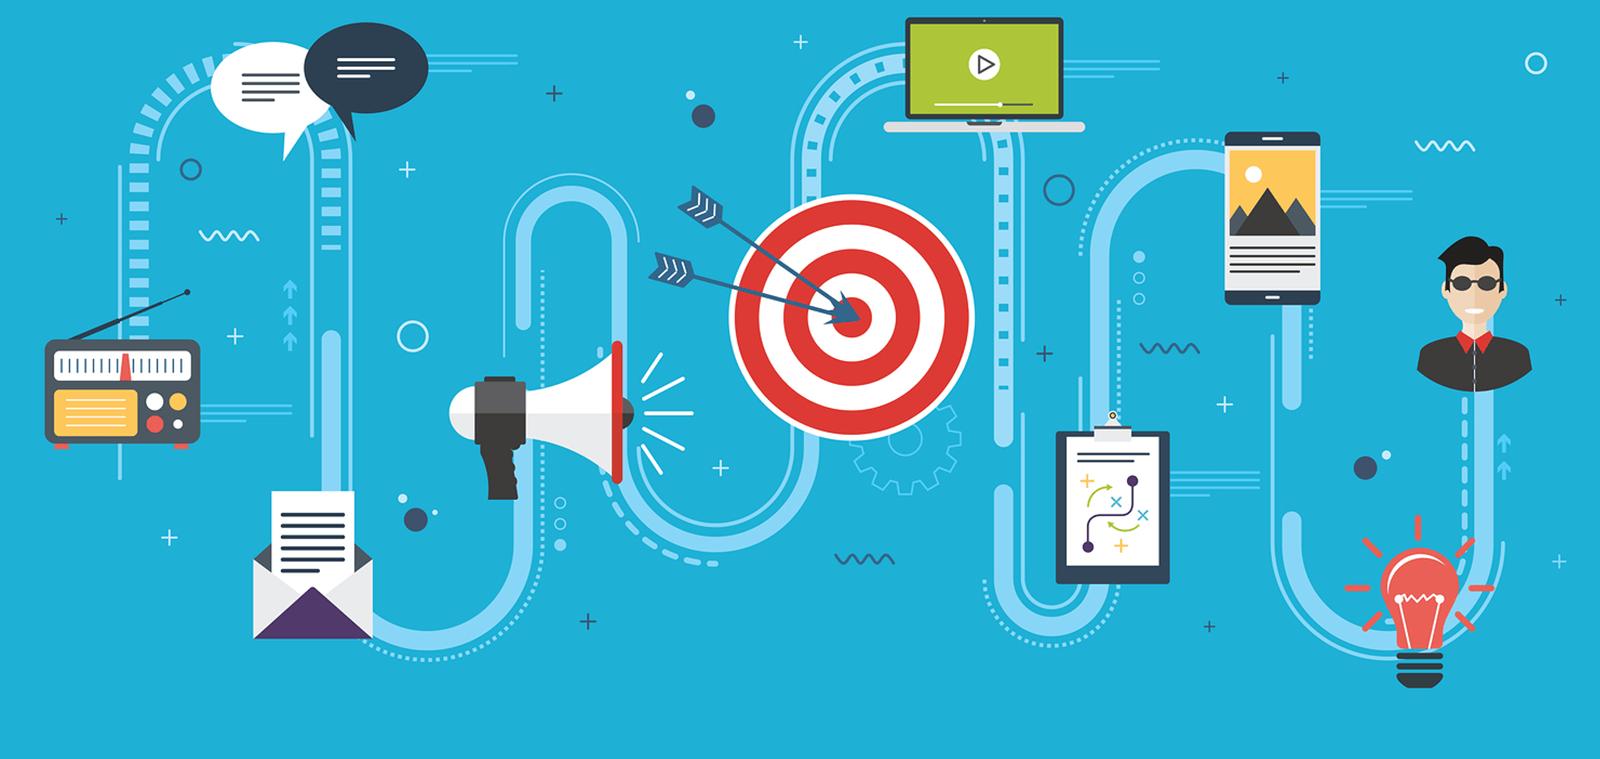 Để làm Marketing giỏi cần những kỹ năng gì? marketingreview.vn